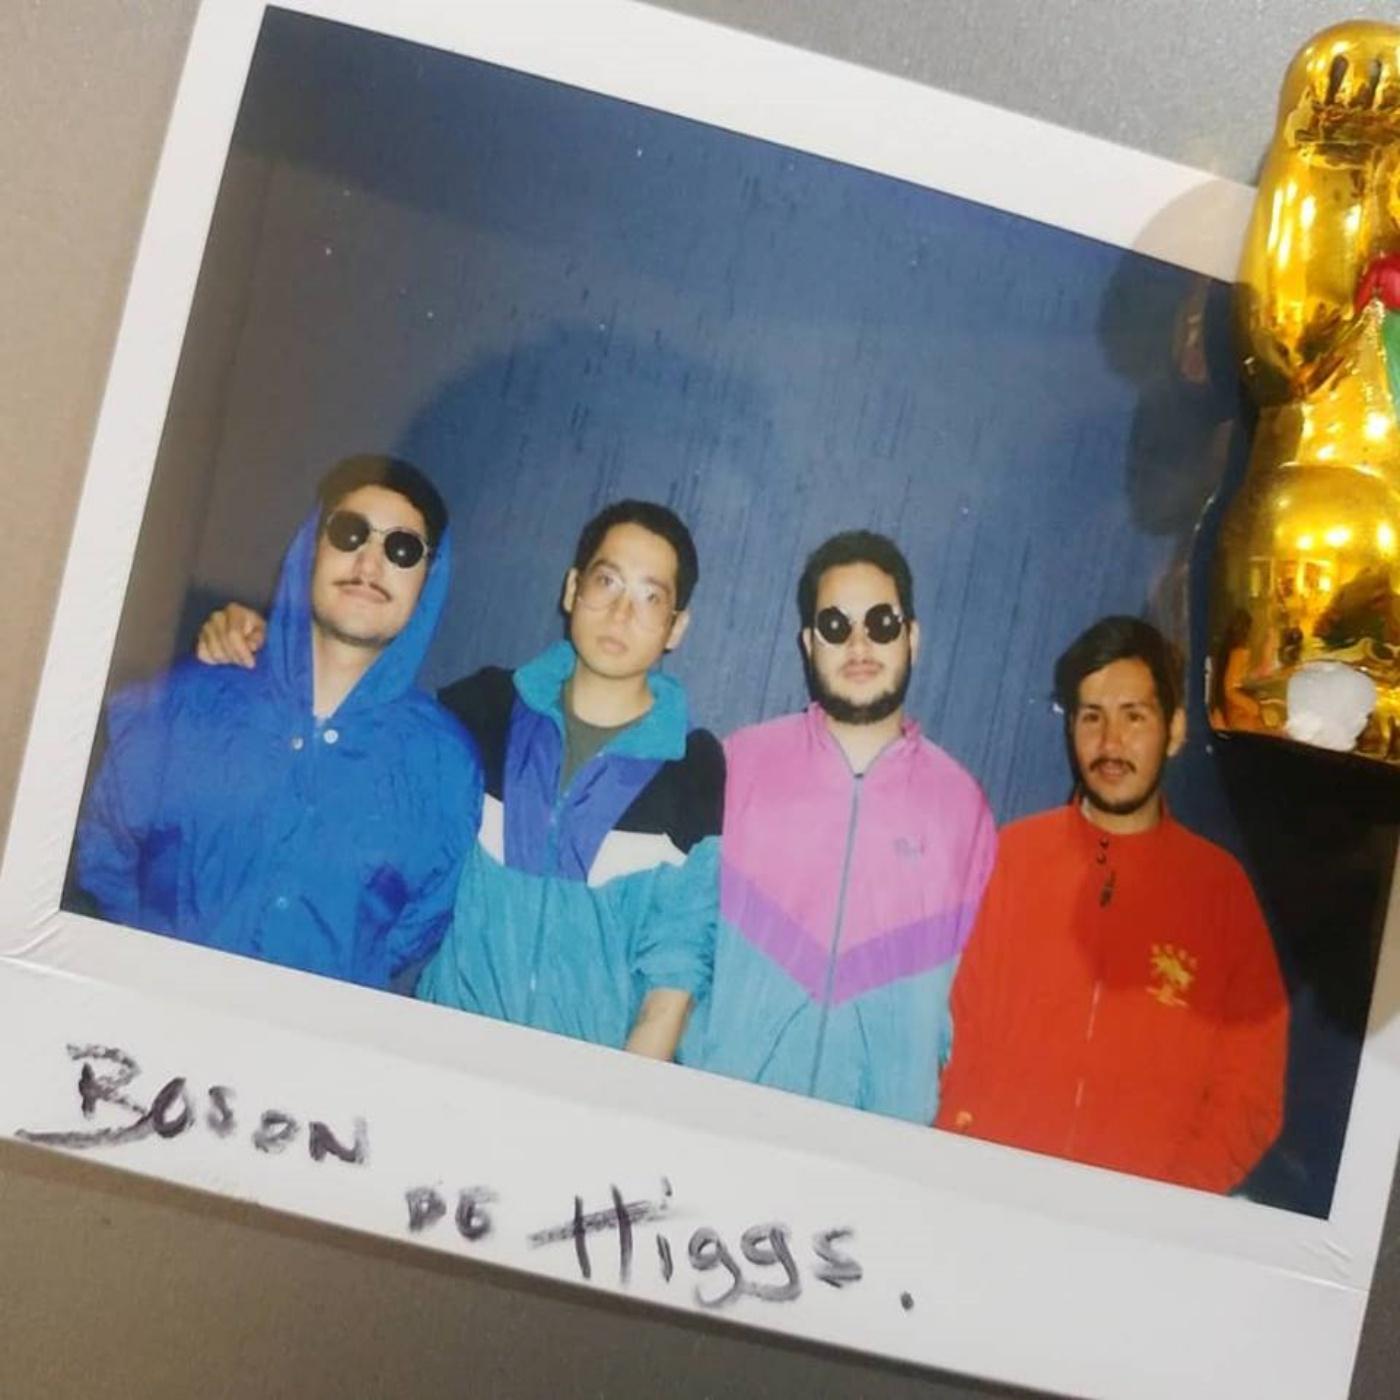 Entrevista con Boson de Higgs